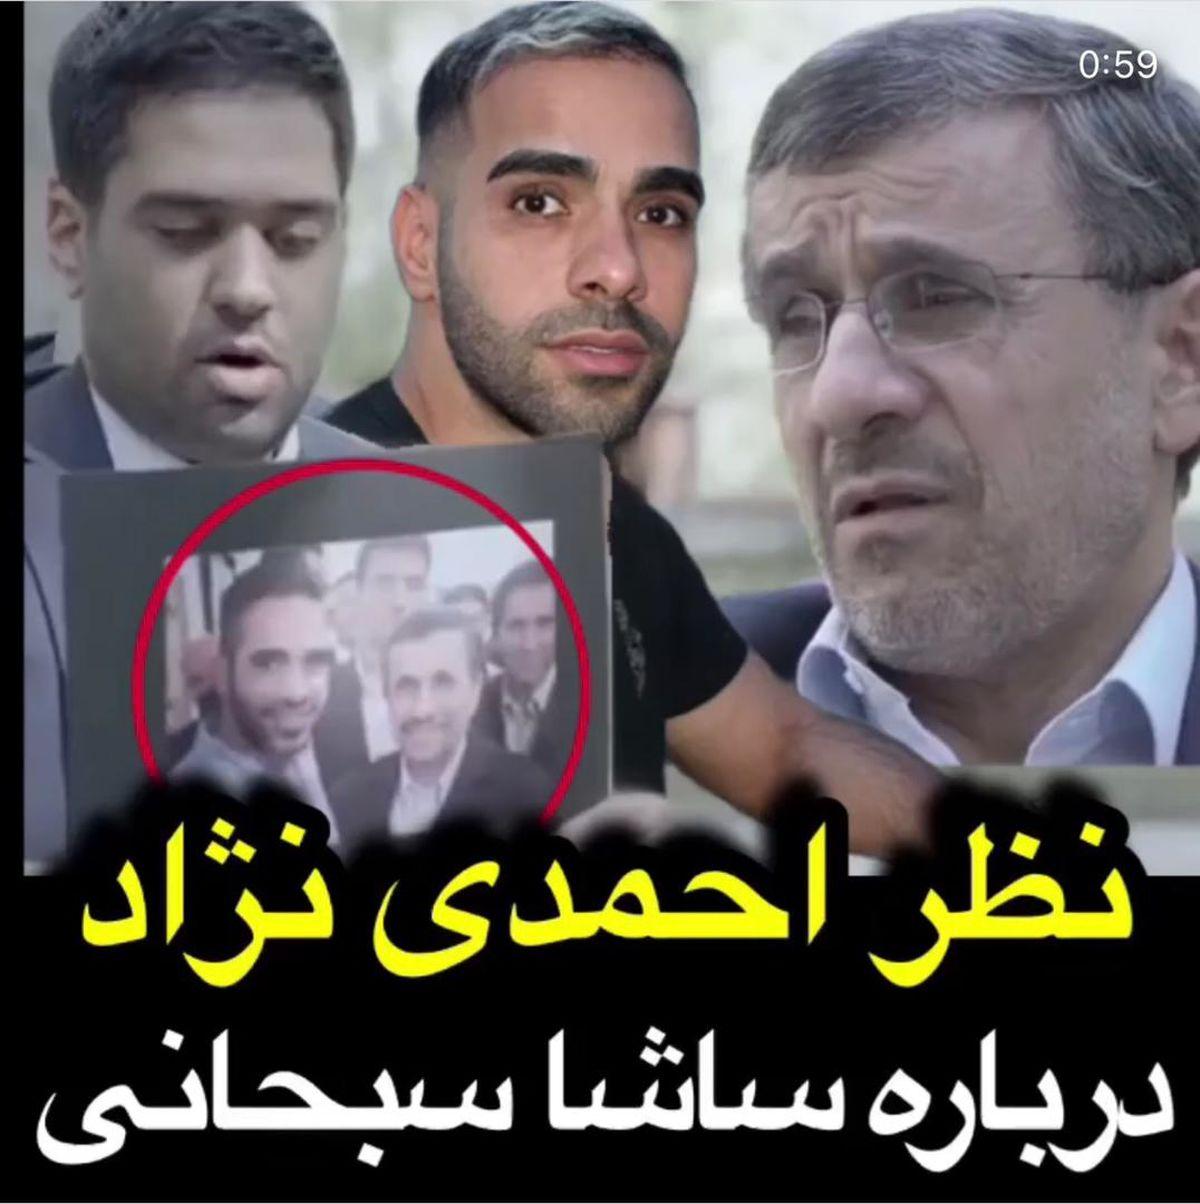 اظهارات جنجالی احمدی نژاد درباره ساشا سبحانی + فیلم